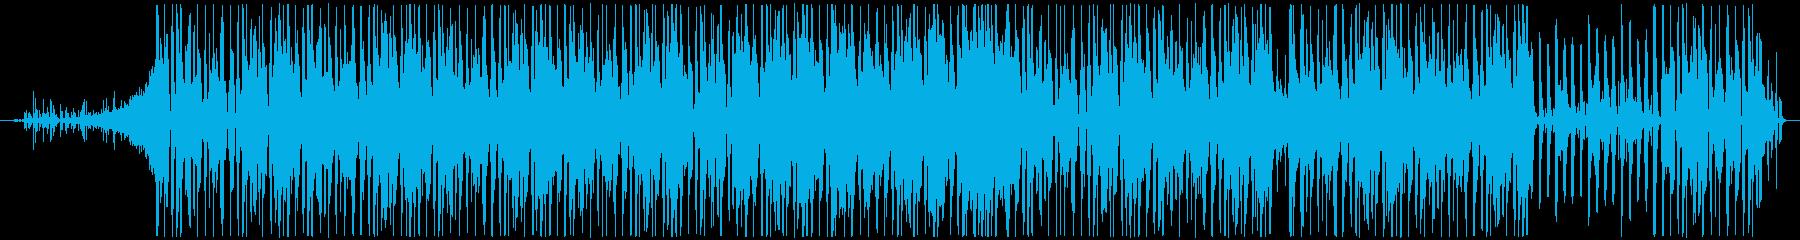 Hoppy Trippyの再生済みの波形